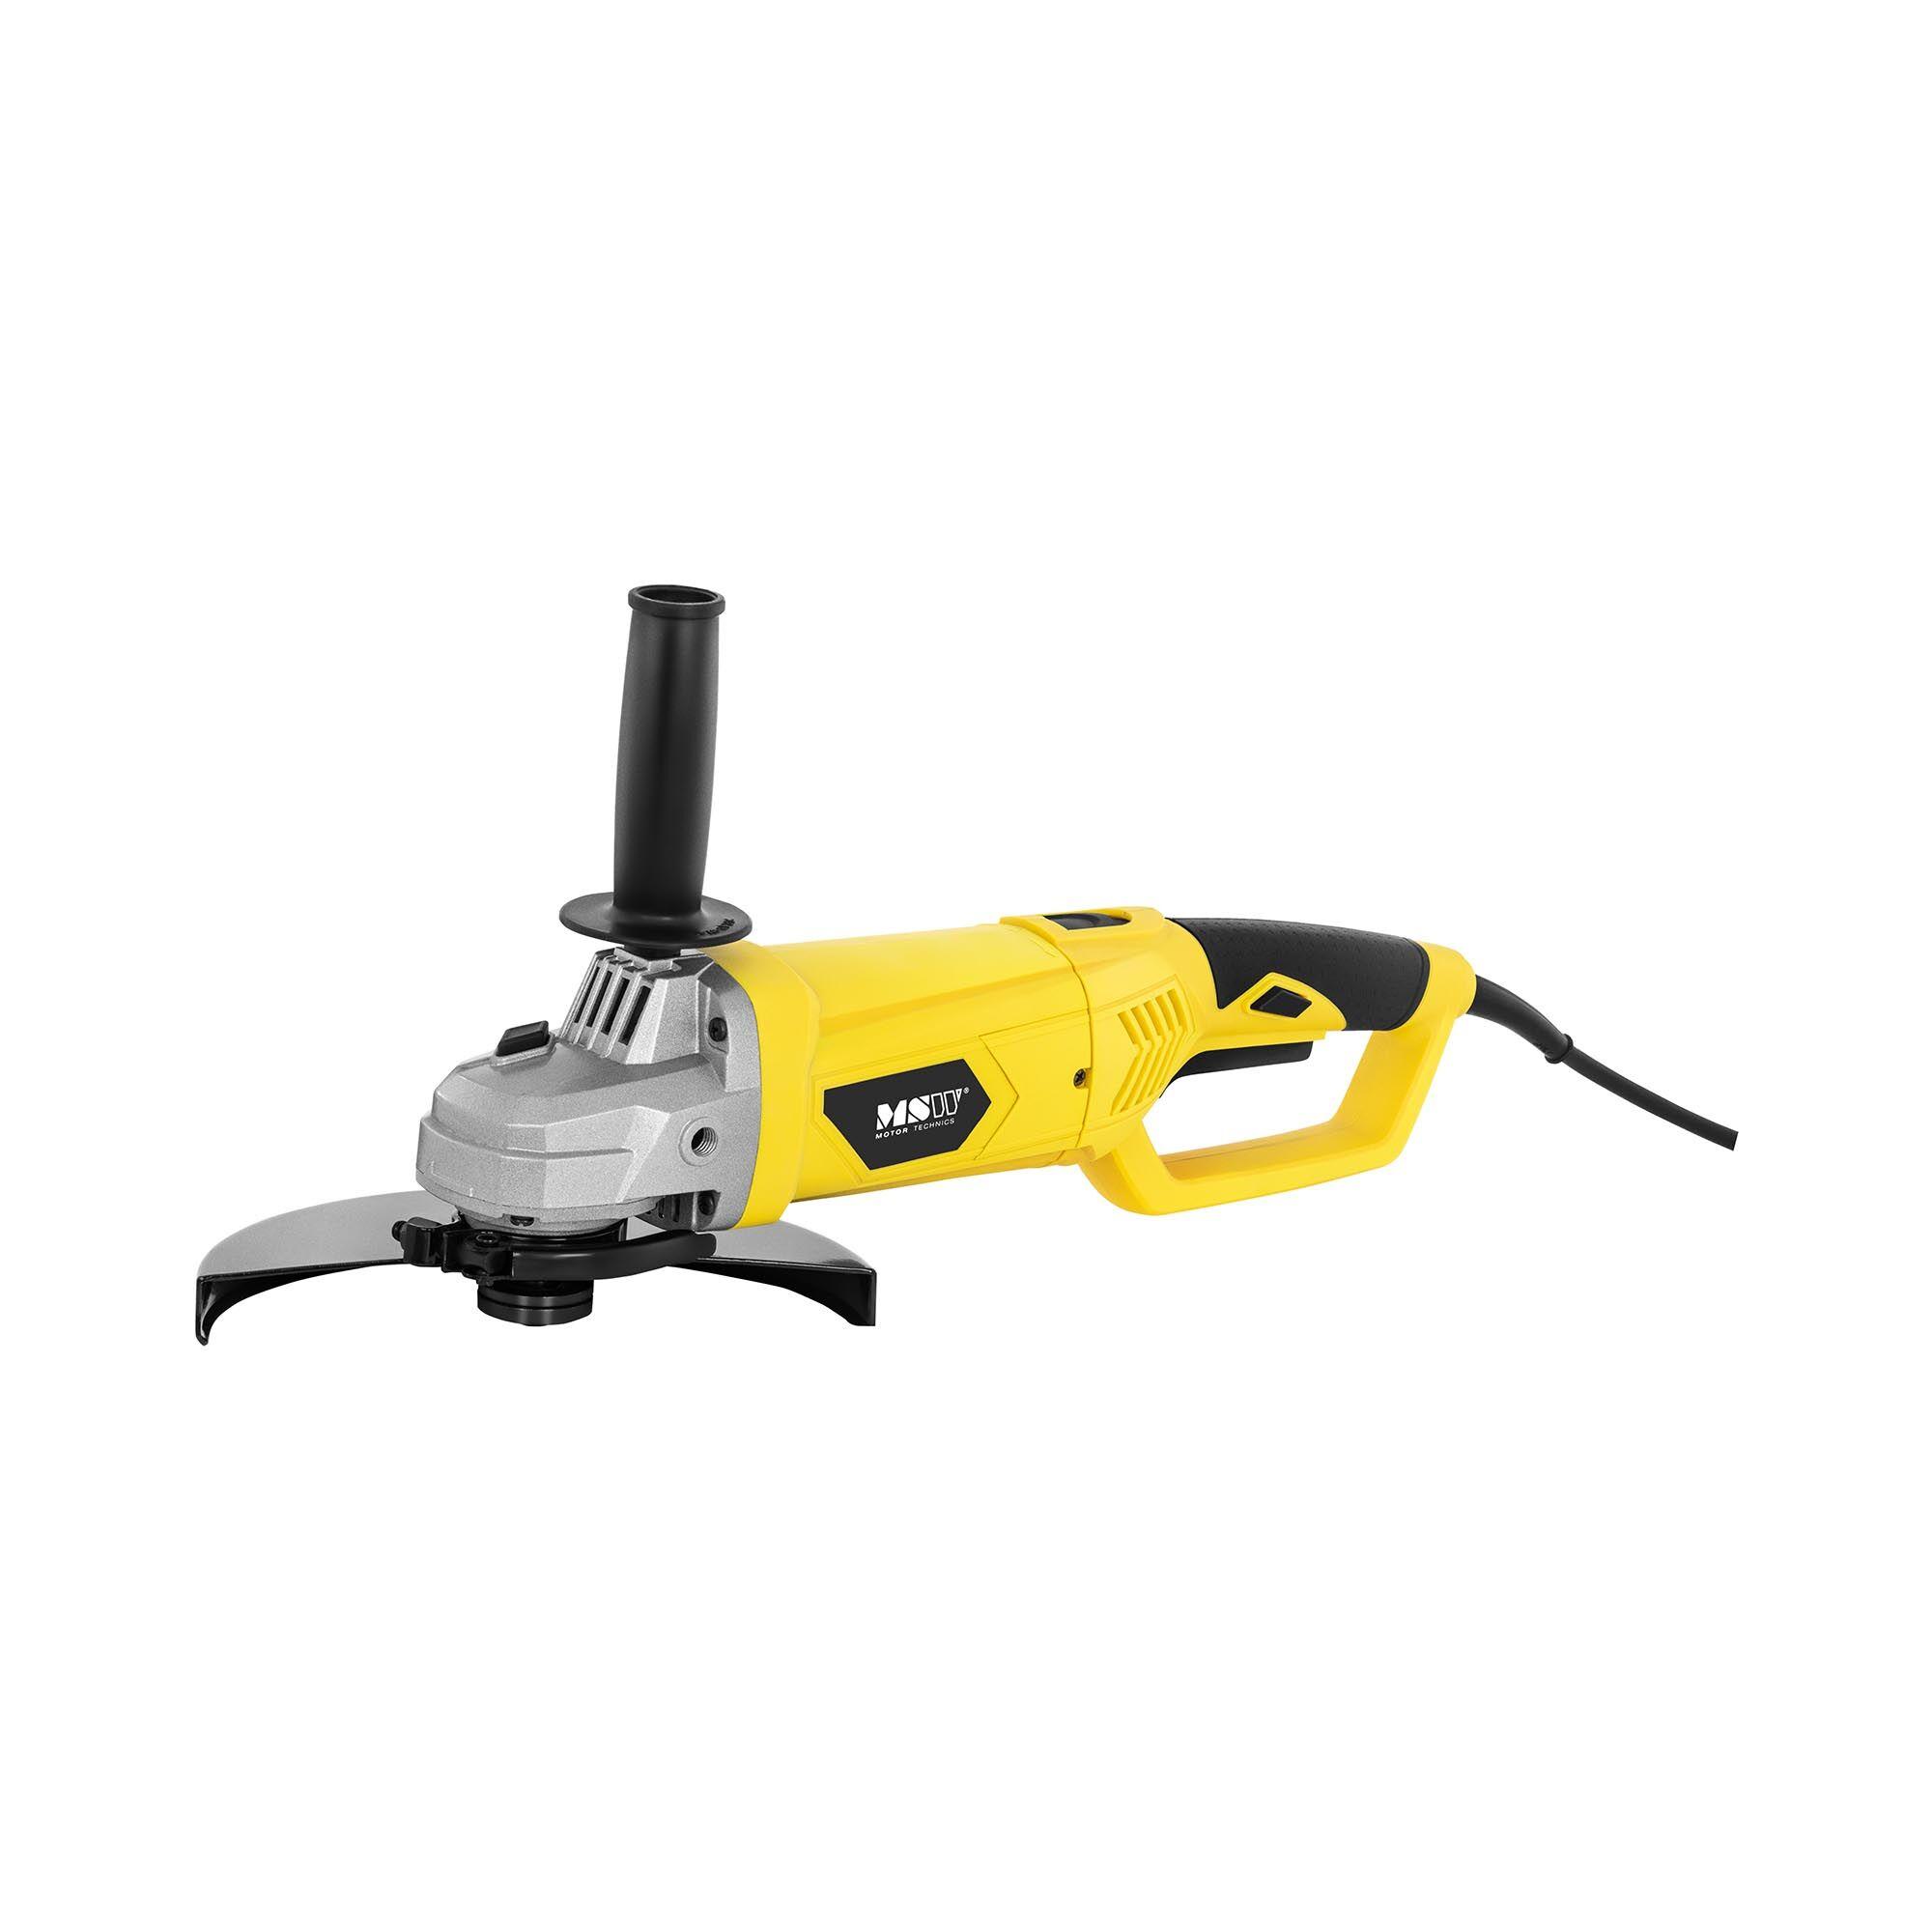 msw smerigliatrice angolare- 2.200 w - Ø 230 mm - 6.300 giri/min - per uso professionale